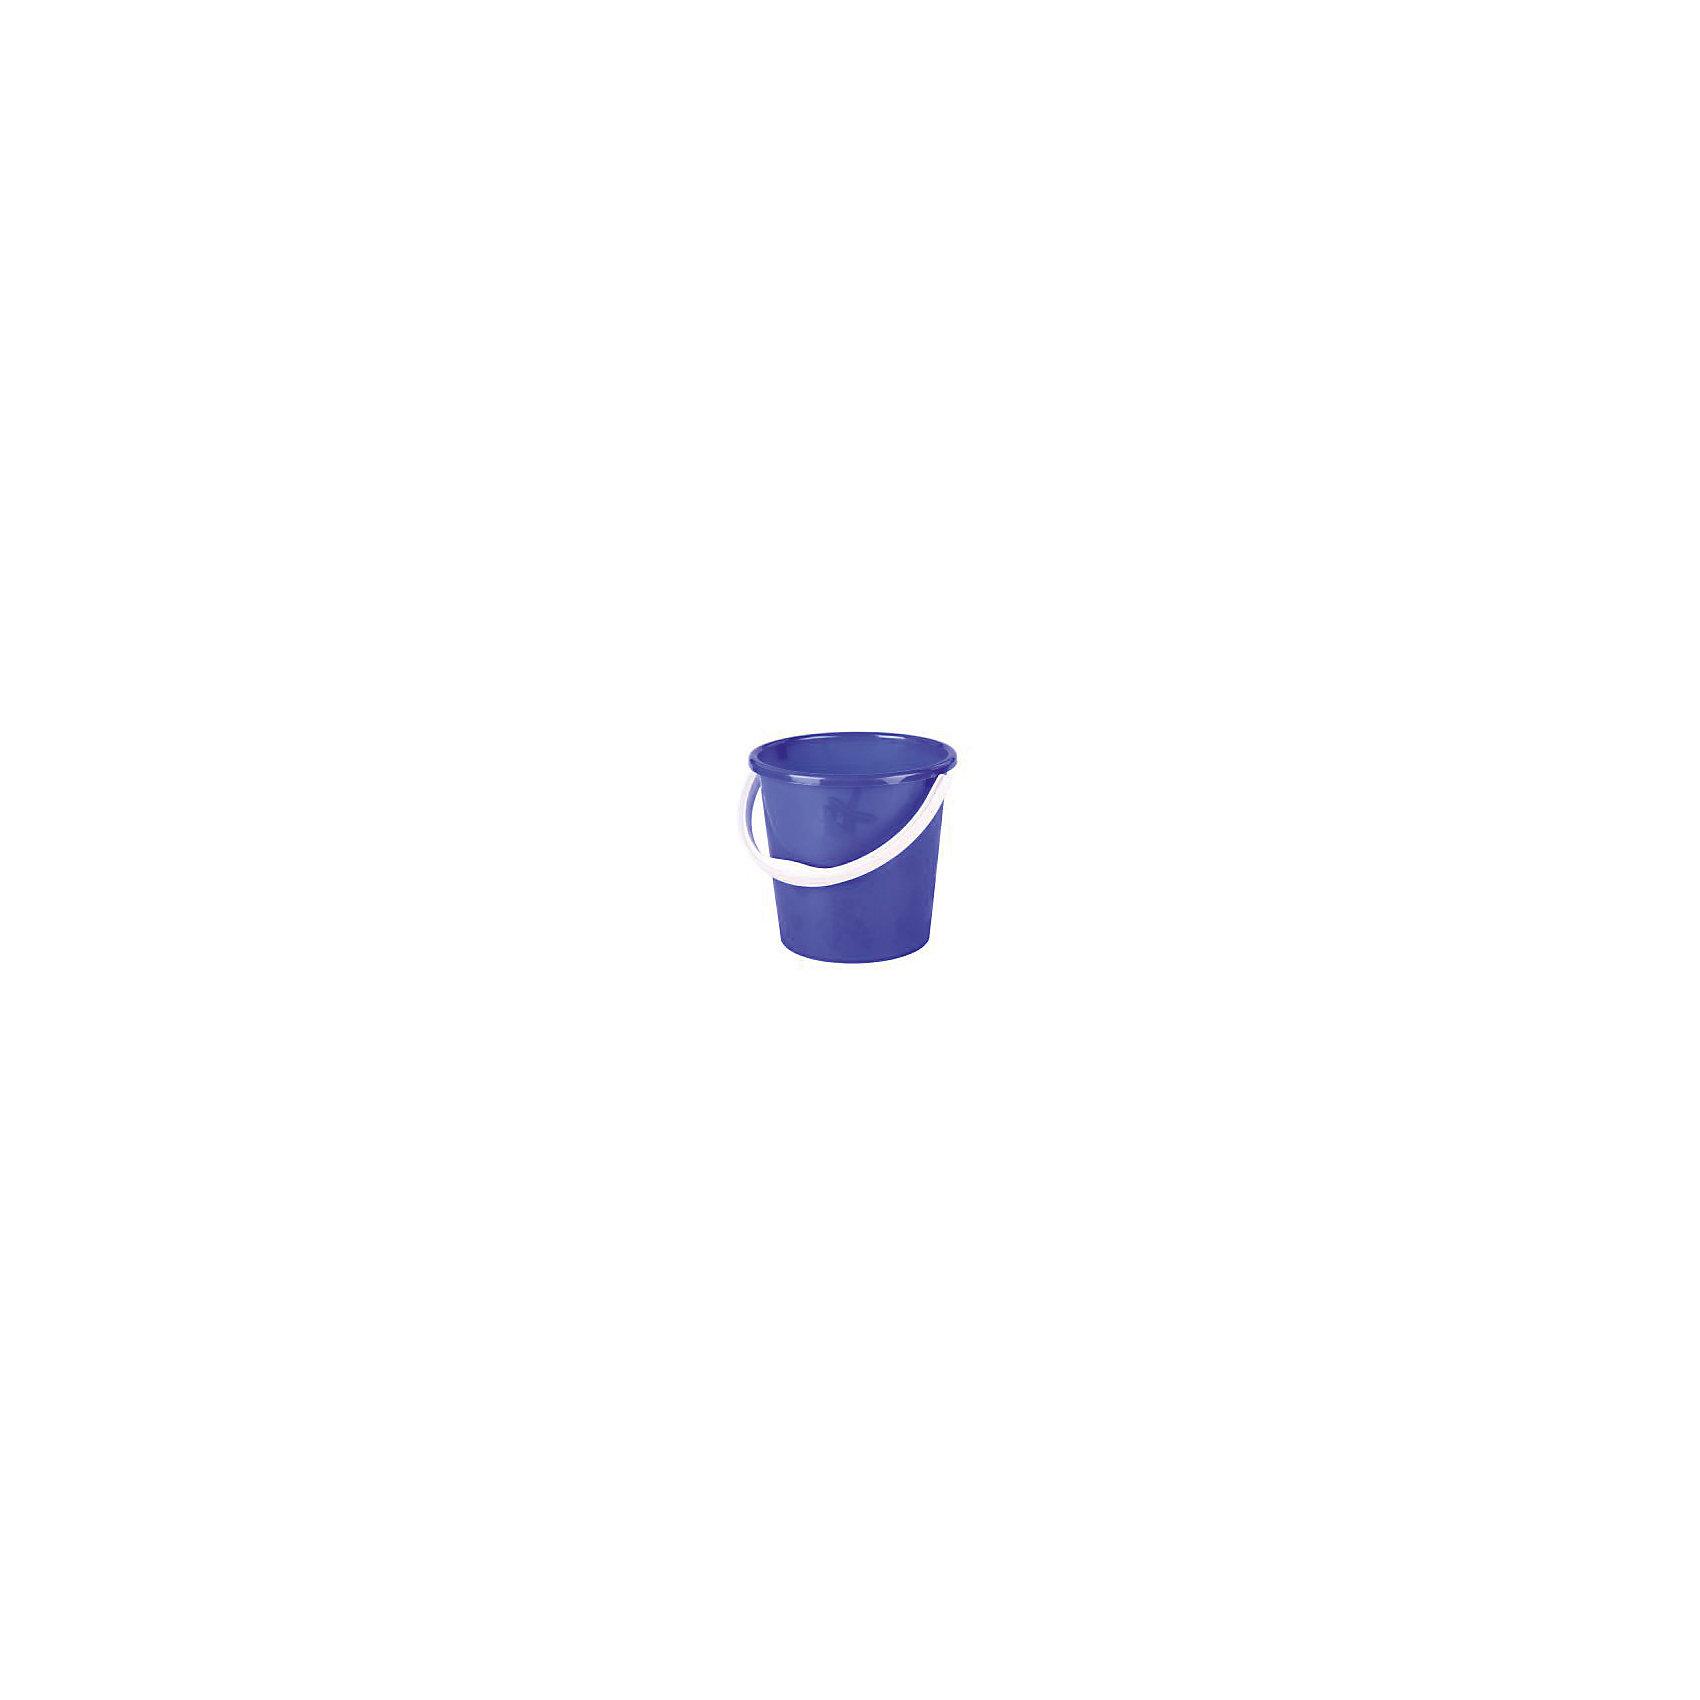 Ведро 3л, Alternativa, синийВанная комната<br>Ведро Садовод 3л, Alternativa (Альтернатива), синий<br><br>Характеристики:<br><br>• удобная ручка с выступом<br>• объем: 3 литра<br>• материал: пластик<br>• размер: 20х19х17,5 см<br>• цвет: синий<br><br>Для ухода за садом и огородом вам поможет ведро Садовод. В ведро можно налить необходимое количество воды или сложить в него предметы для ухода за садом. Оно изготовлено из прочного пластика и имеет удобную ручку с выступом. Объем ведра - 3 литра.<br><br>Ведро Садовод 3л, Alternativa (Альтернатива), синий вы можете купить в нашем интернет-магазине.<br><br>Ширина мм: 200<br>Глубина мм: 190<br>Высота мм: 175<br>Вес г: 500<br>Возраст от месяцев: 216<br>Возраст до месяцев: 1188<br>Пол: Унисекс<br>Возраст: Детский<br>SKU: 5475638